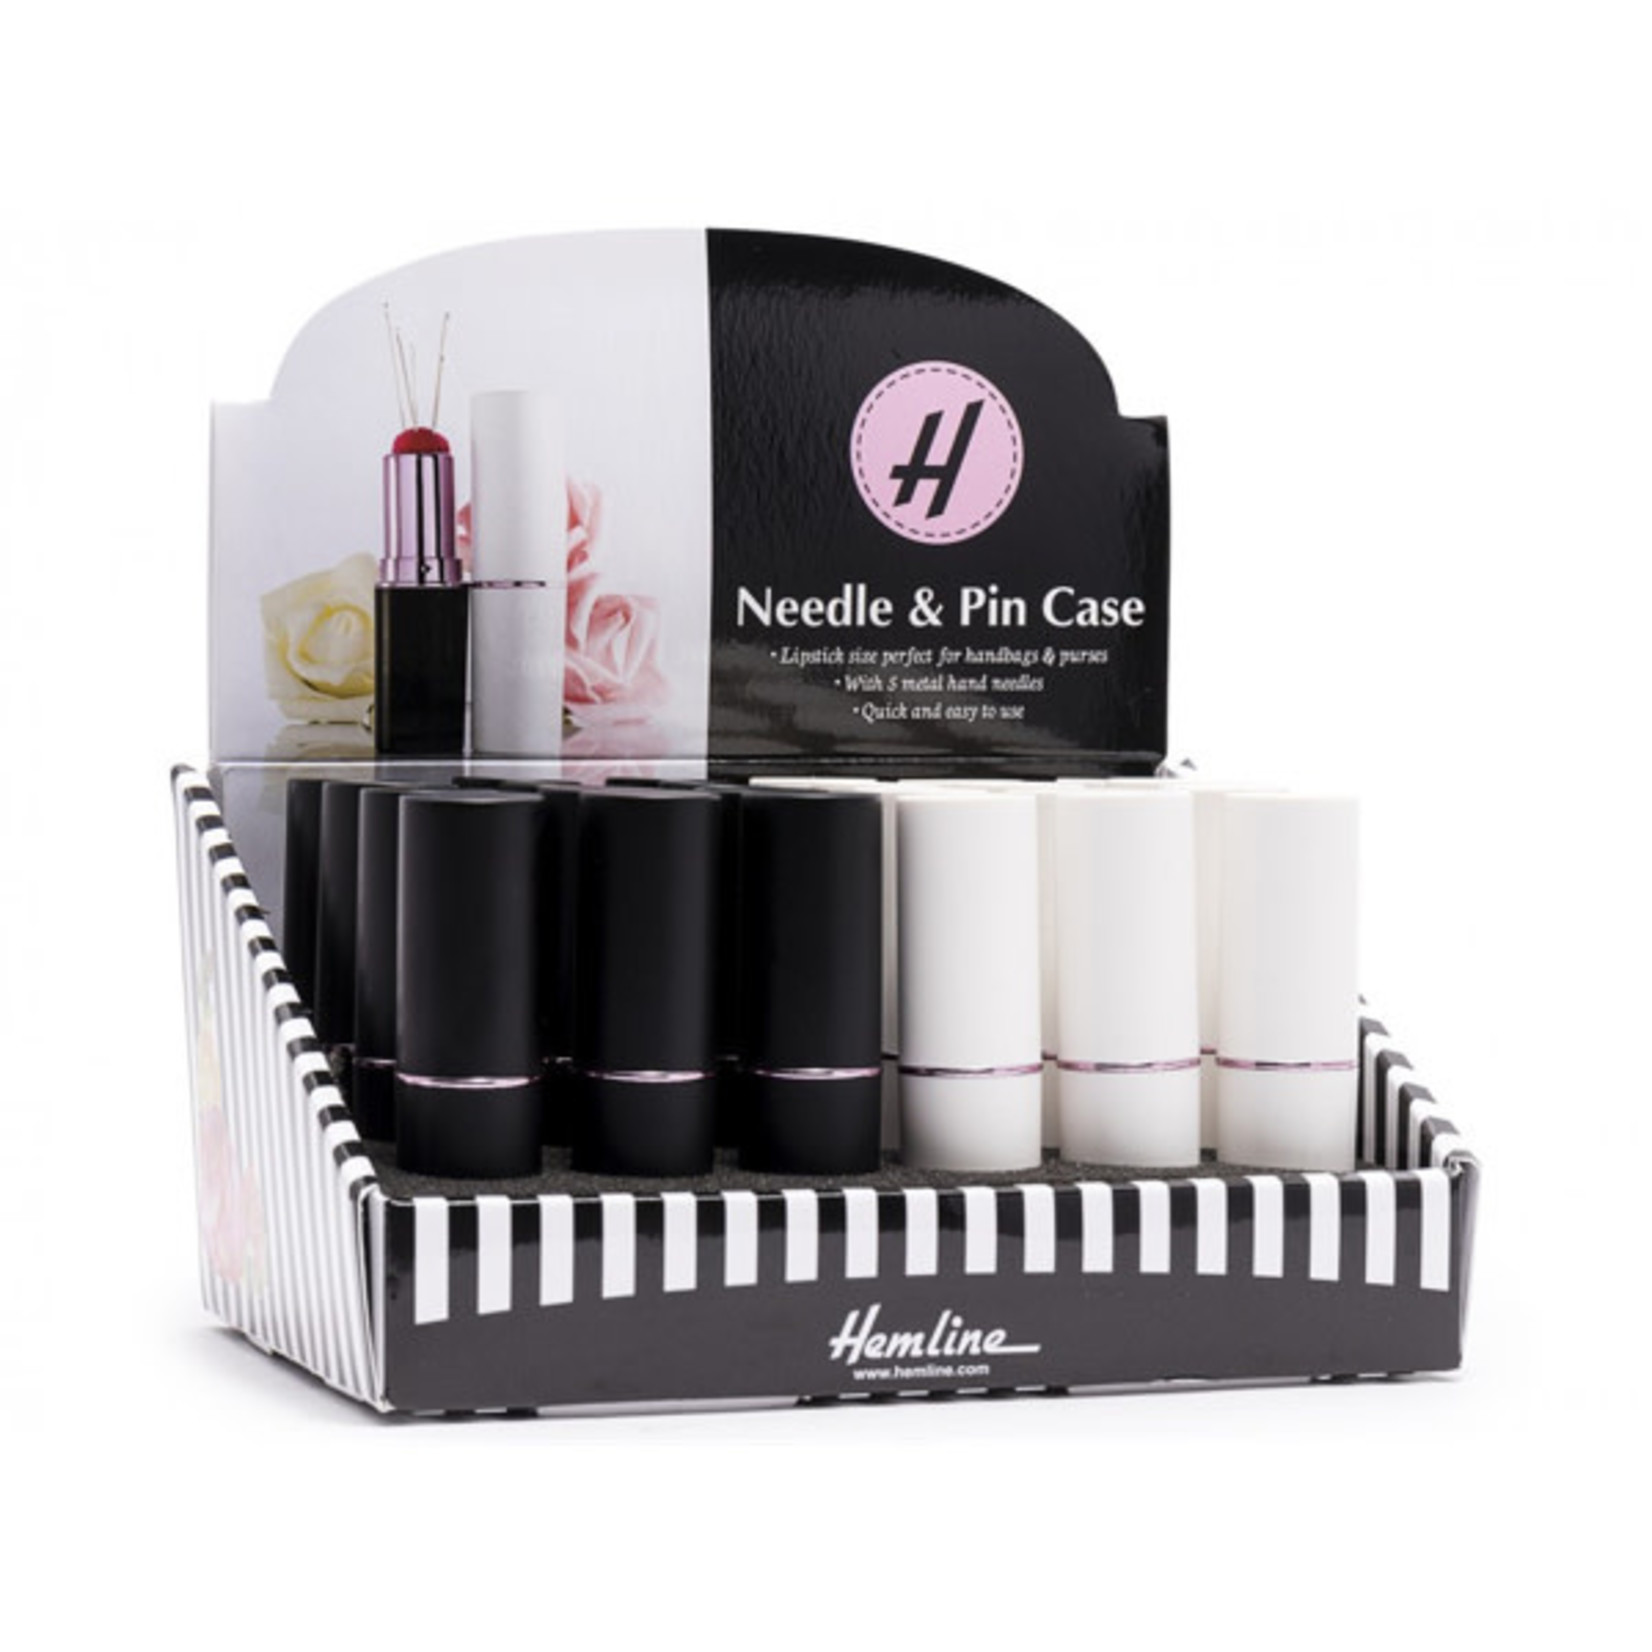 Hemline Naaldenkoker - Lipstick - 5 Naalden - Wit / Zwart